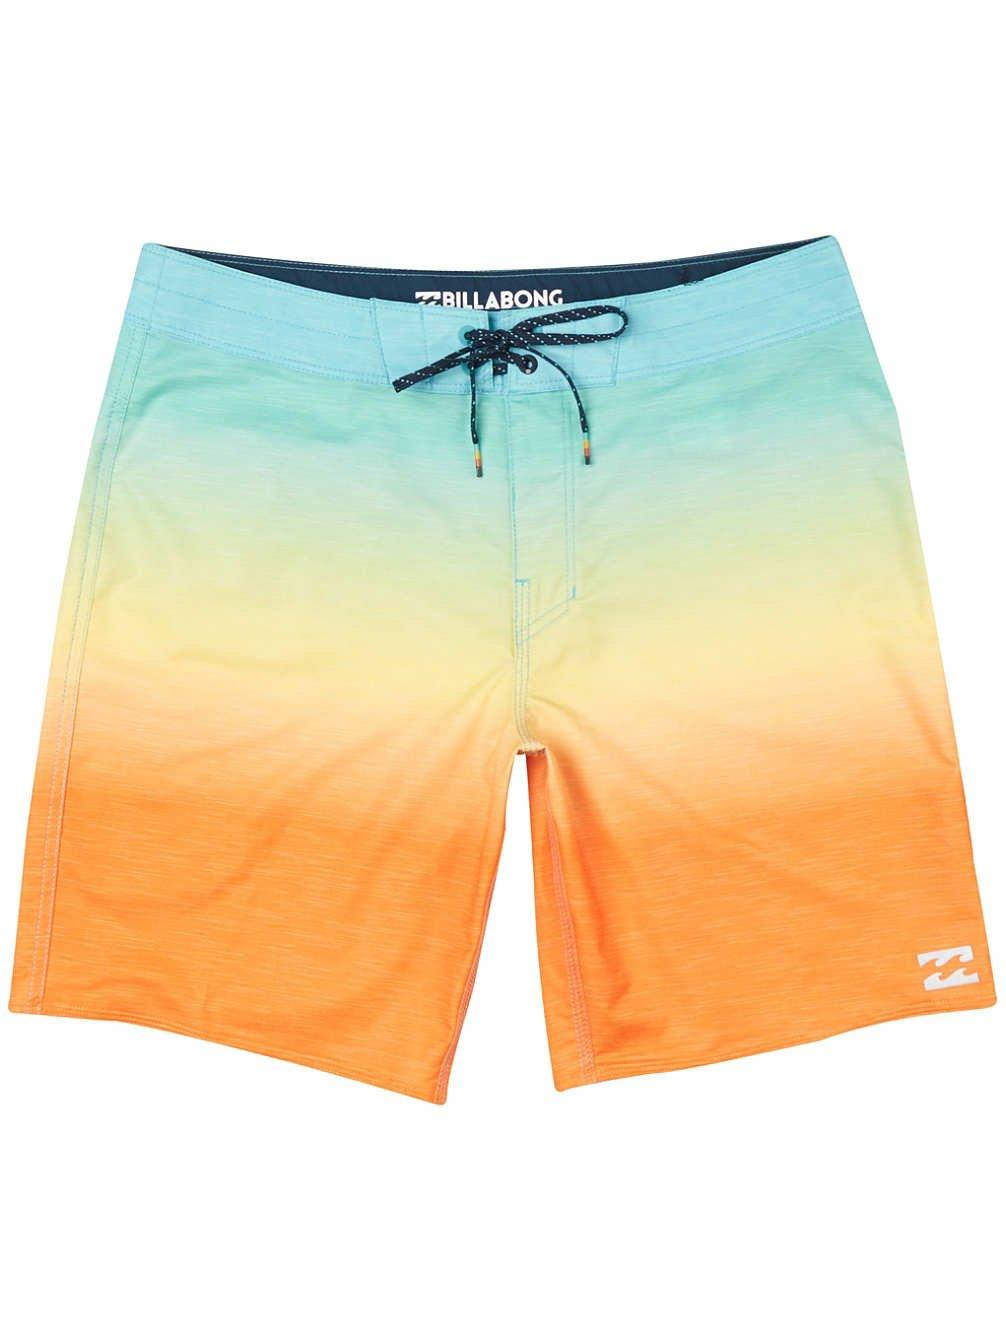 Billabong Tripper X 18, Men Beach Shorts, Men's, Tripper X 18 Men's H1BS16